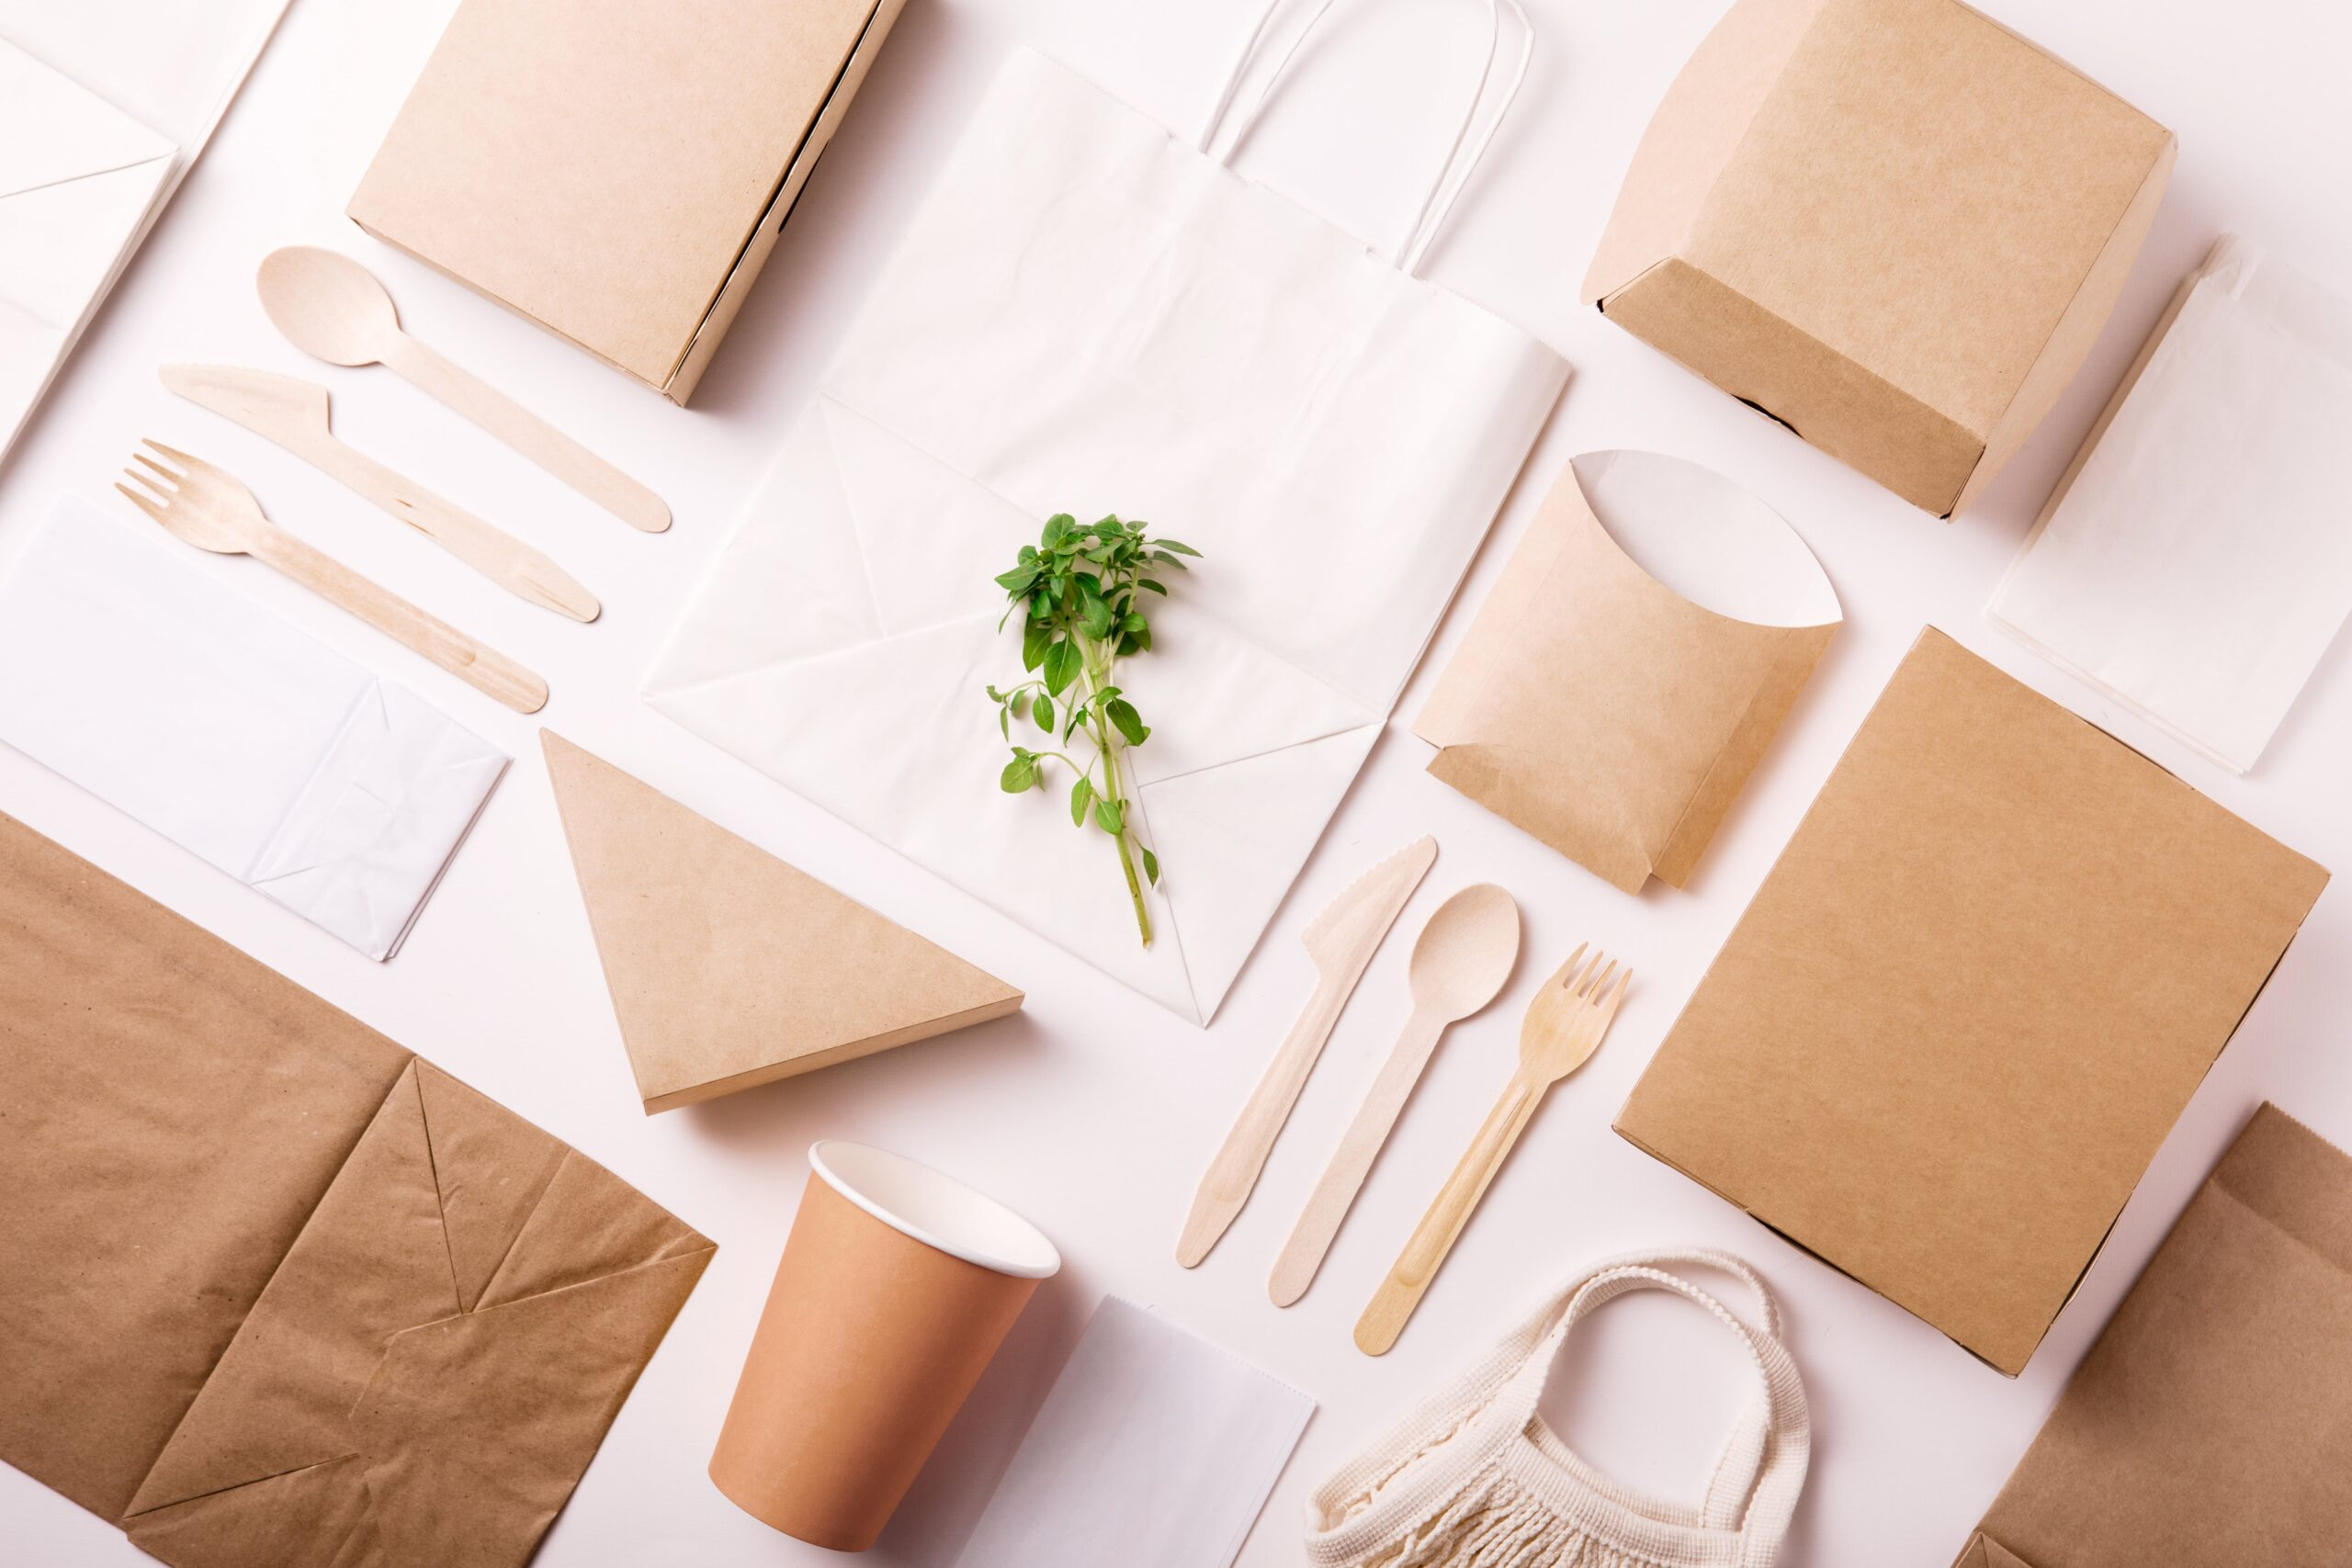 eco-packaging-commestibile-ipovedenti-kellogg-altavia